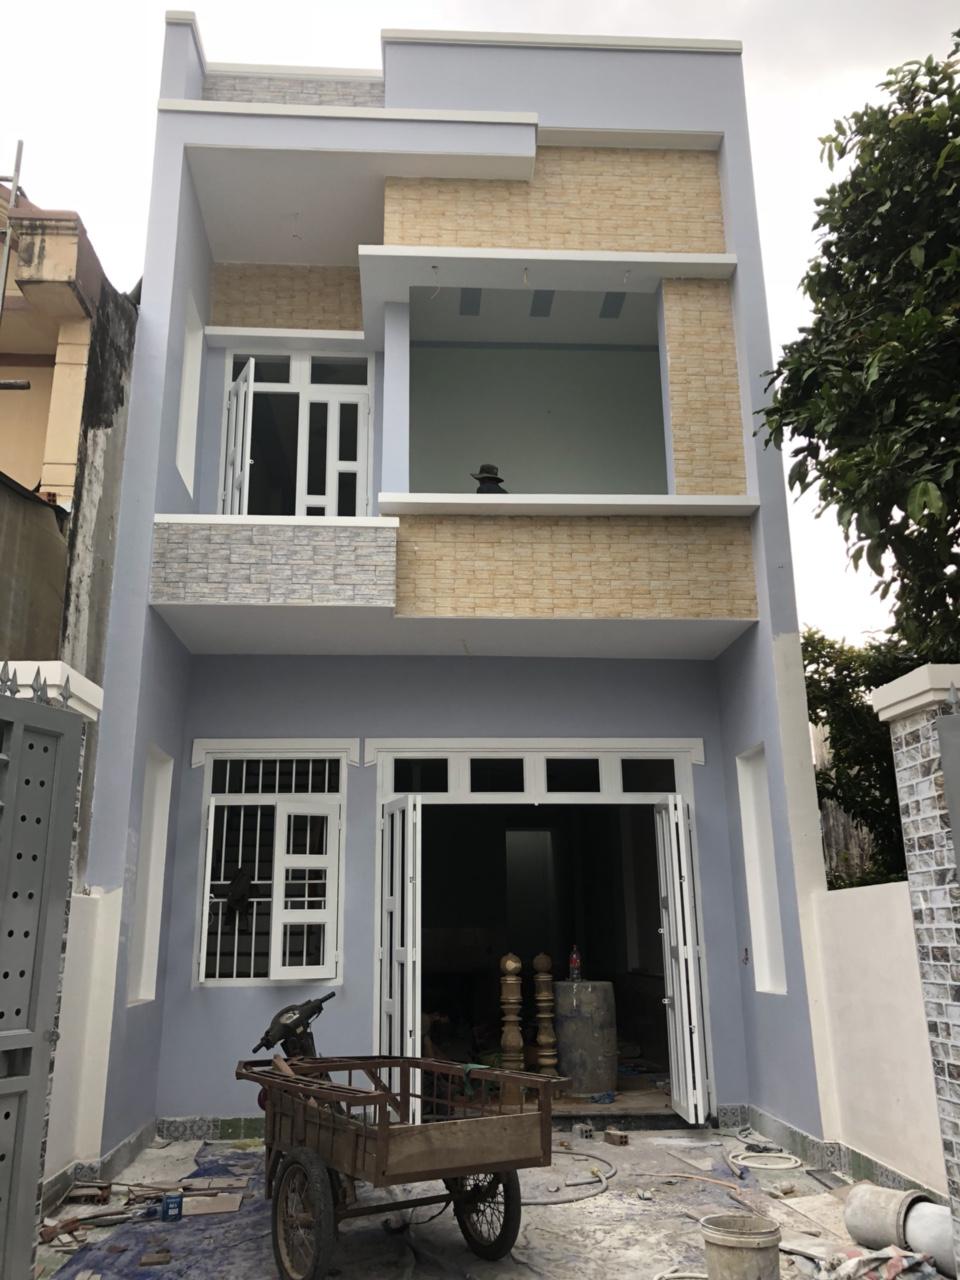 Chính chủ bán nhà 1 trệt 1 lầu,đường Đông Minh,phường đông hòa,di an,bình dương.95m2